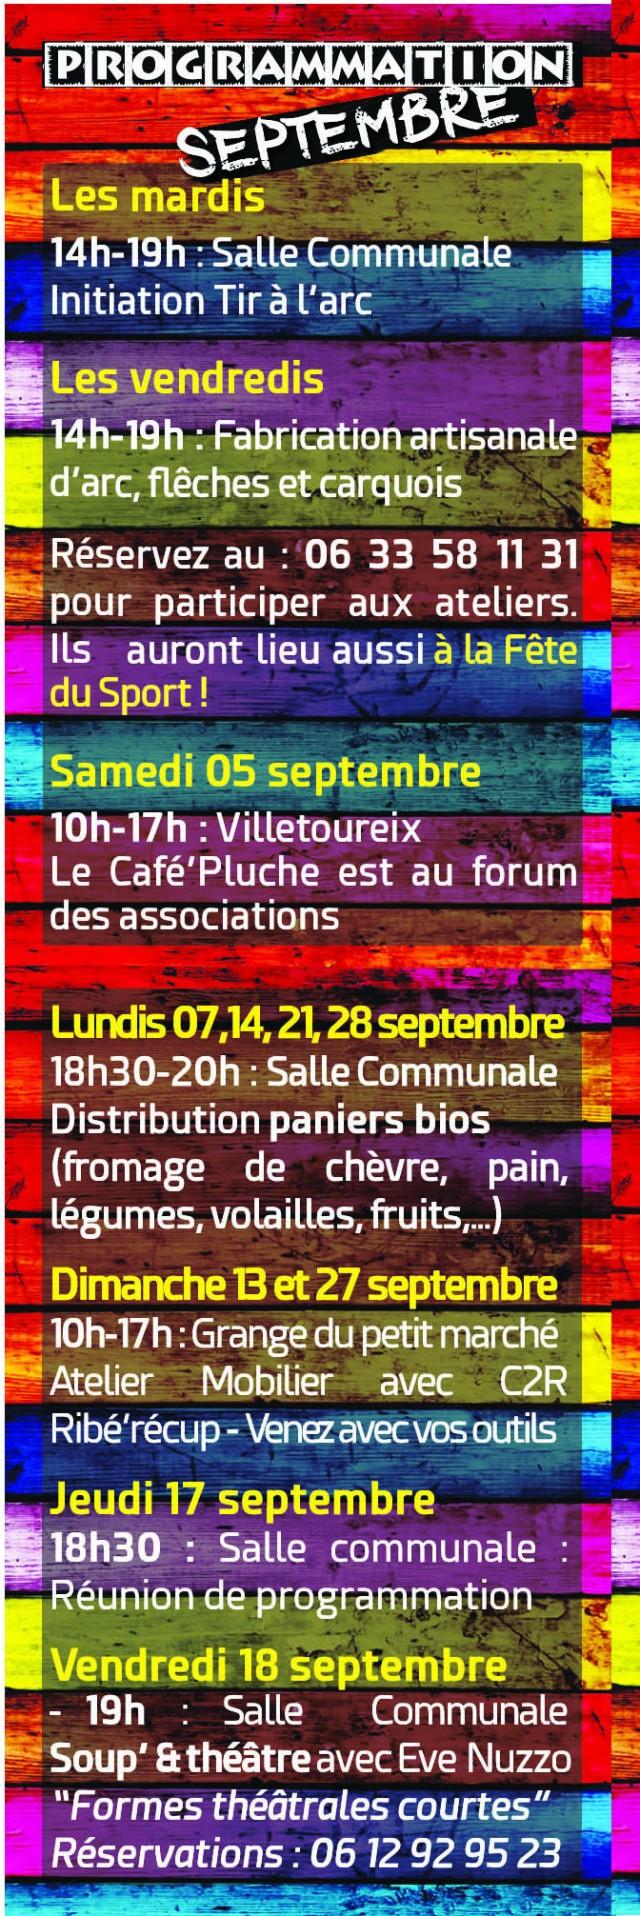 Programma september2015